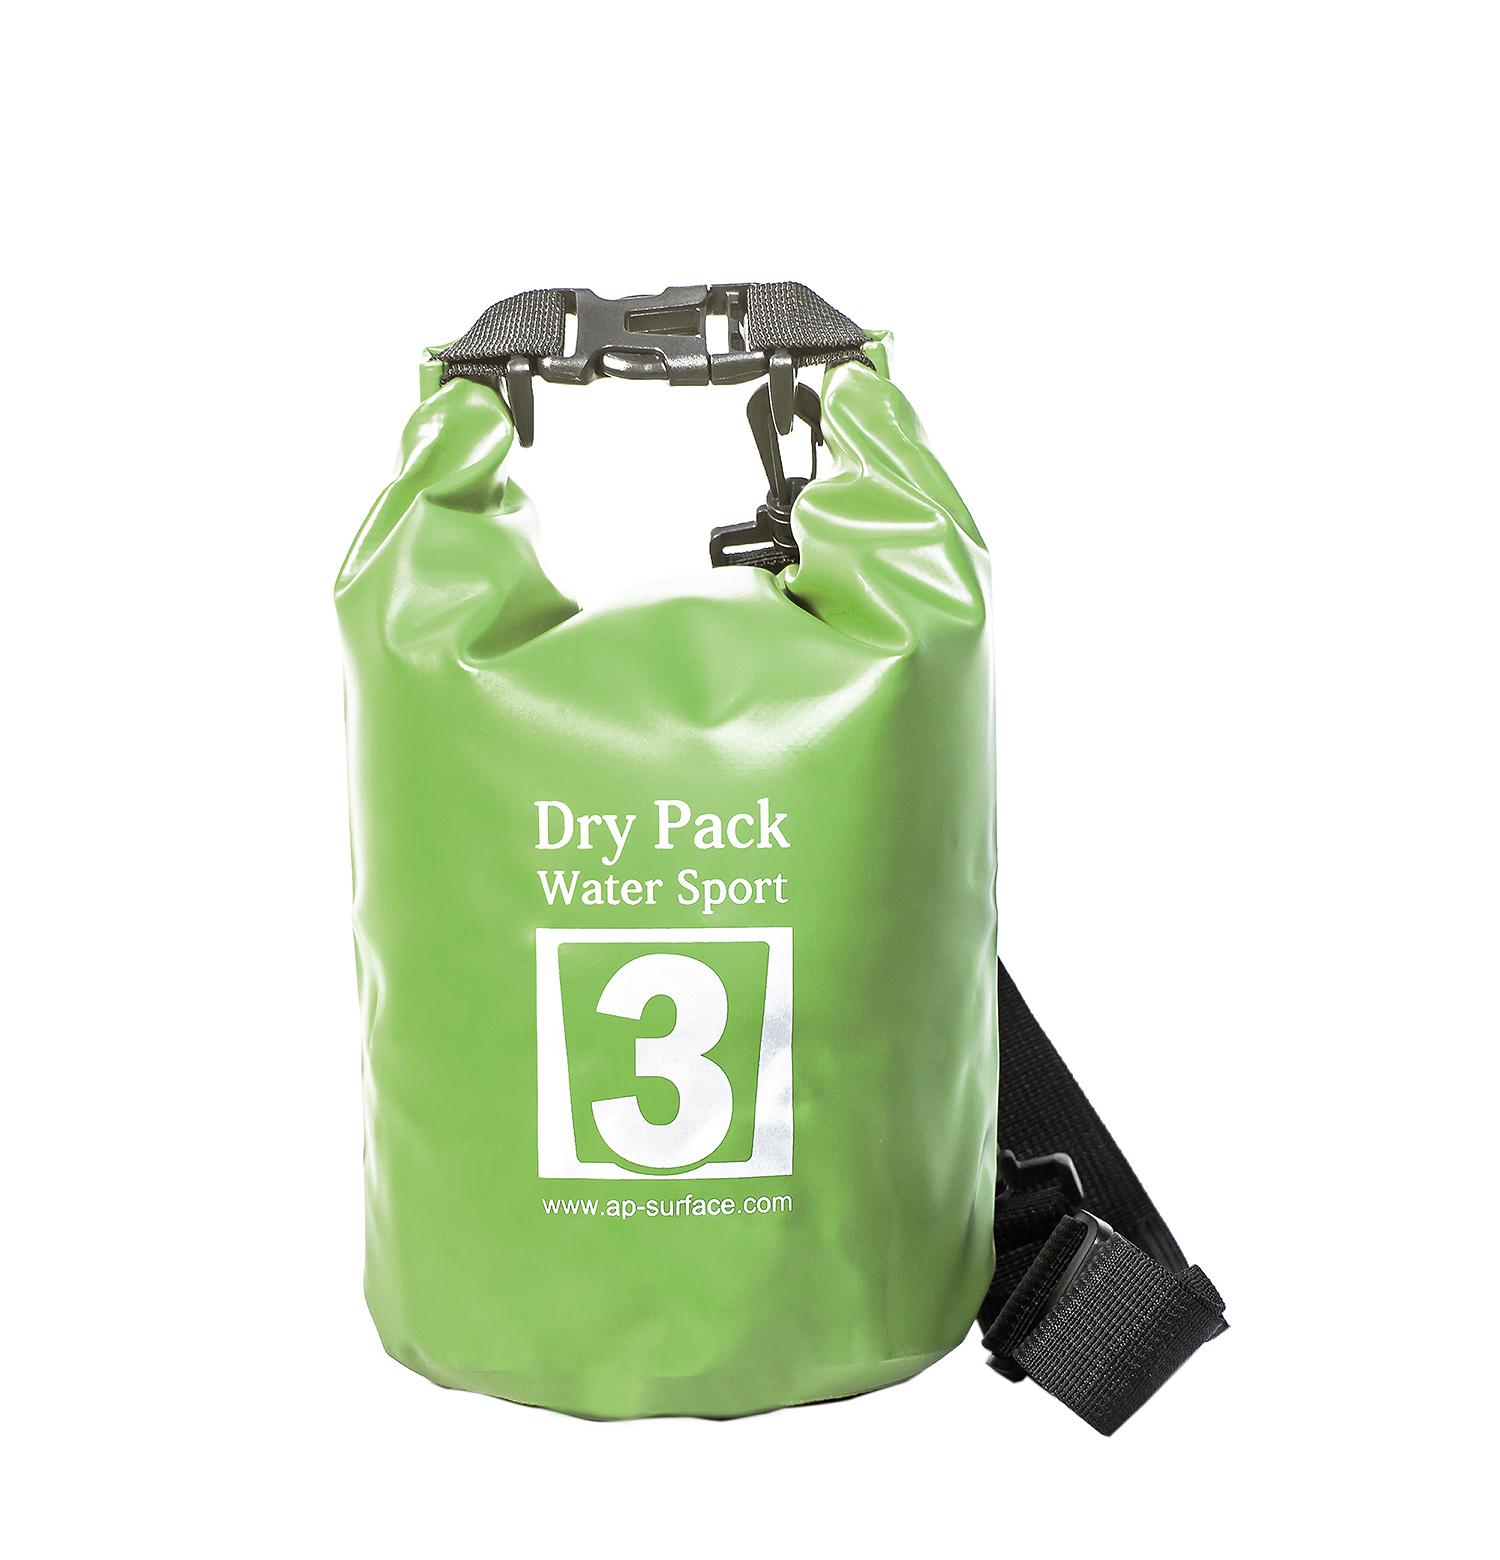 กระเป๋ากันน้ำ Dry pack 3L- สีเขียวทหาร